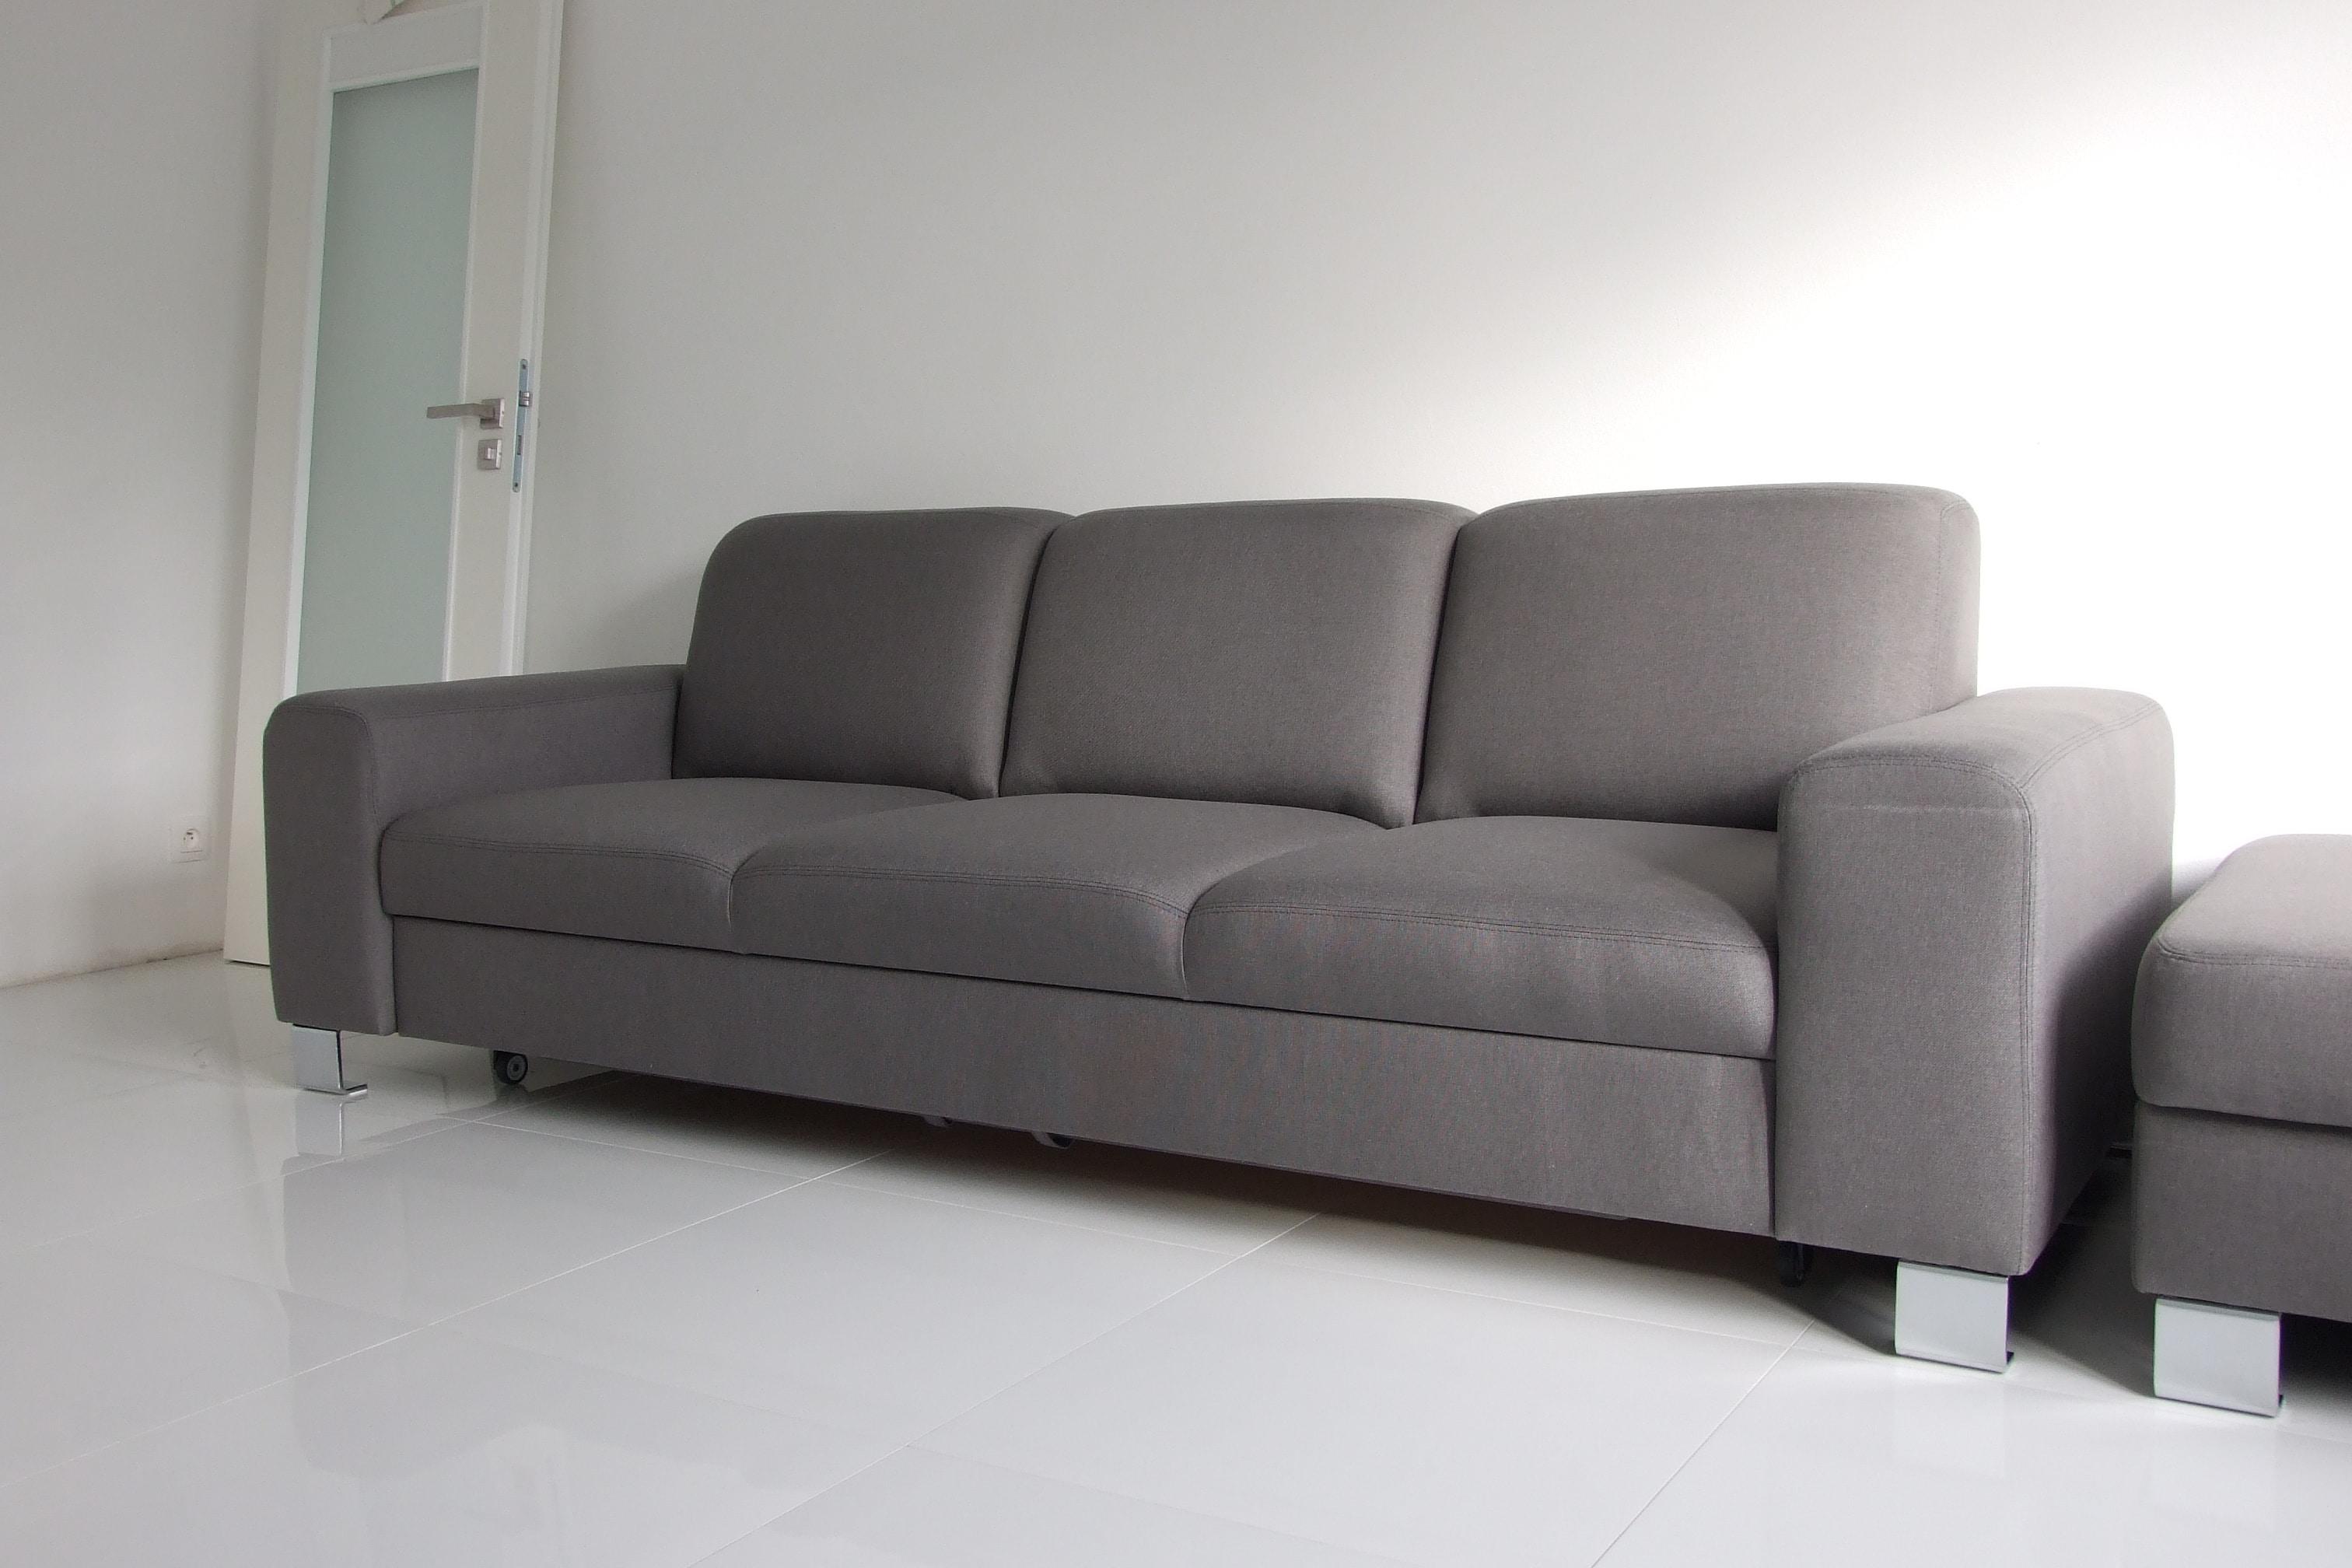 Moderná sedacia súprava Lemans s funkciou rozkladania na dvojlôžko  v rozmere podľa požiadavky zákazníka (245cm) v španielskom poťahovom materiály Libra52.